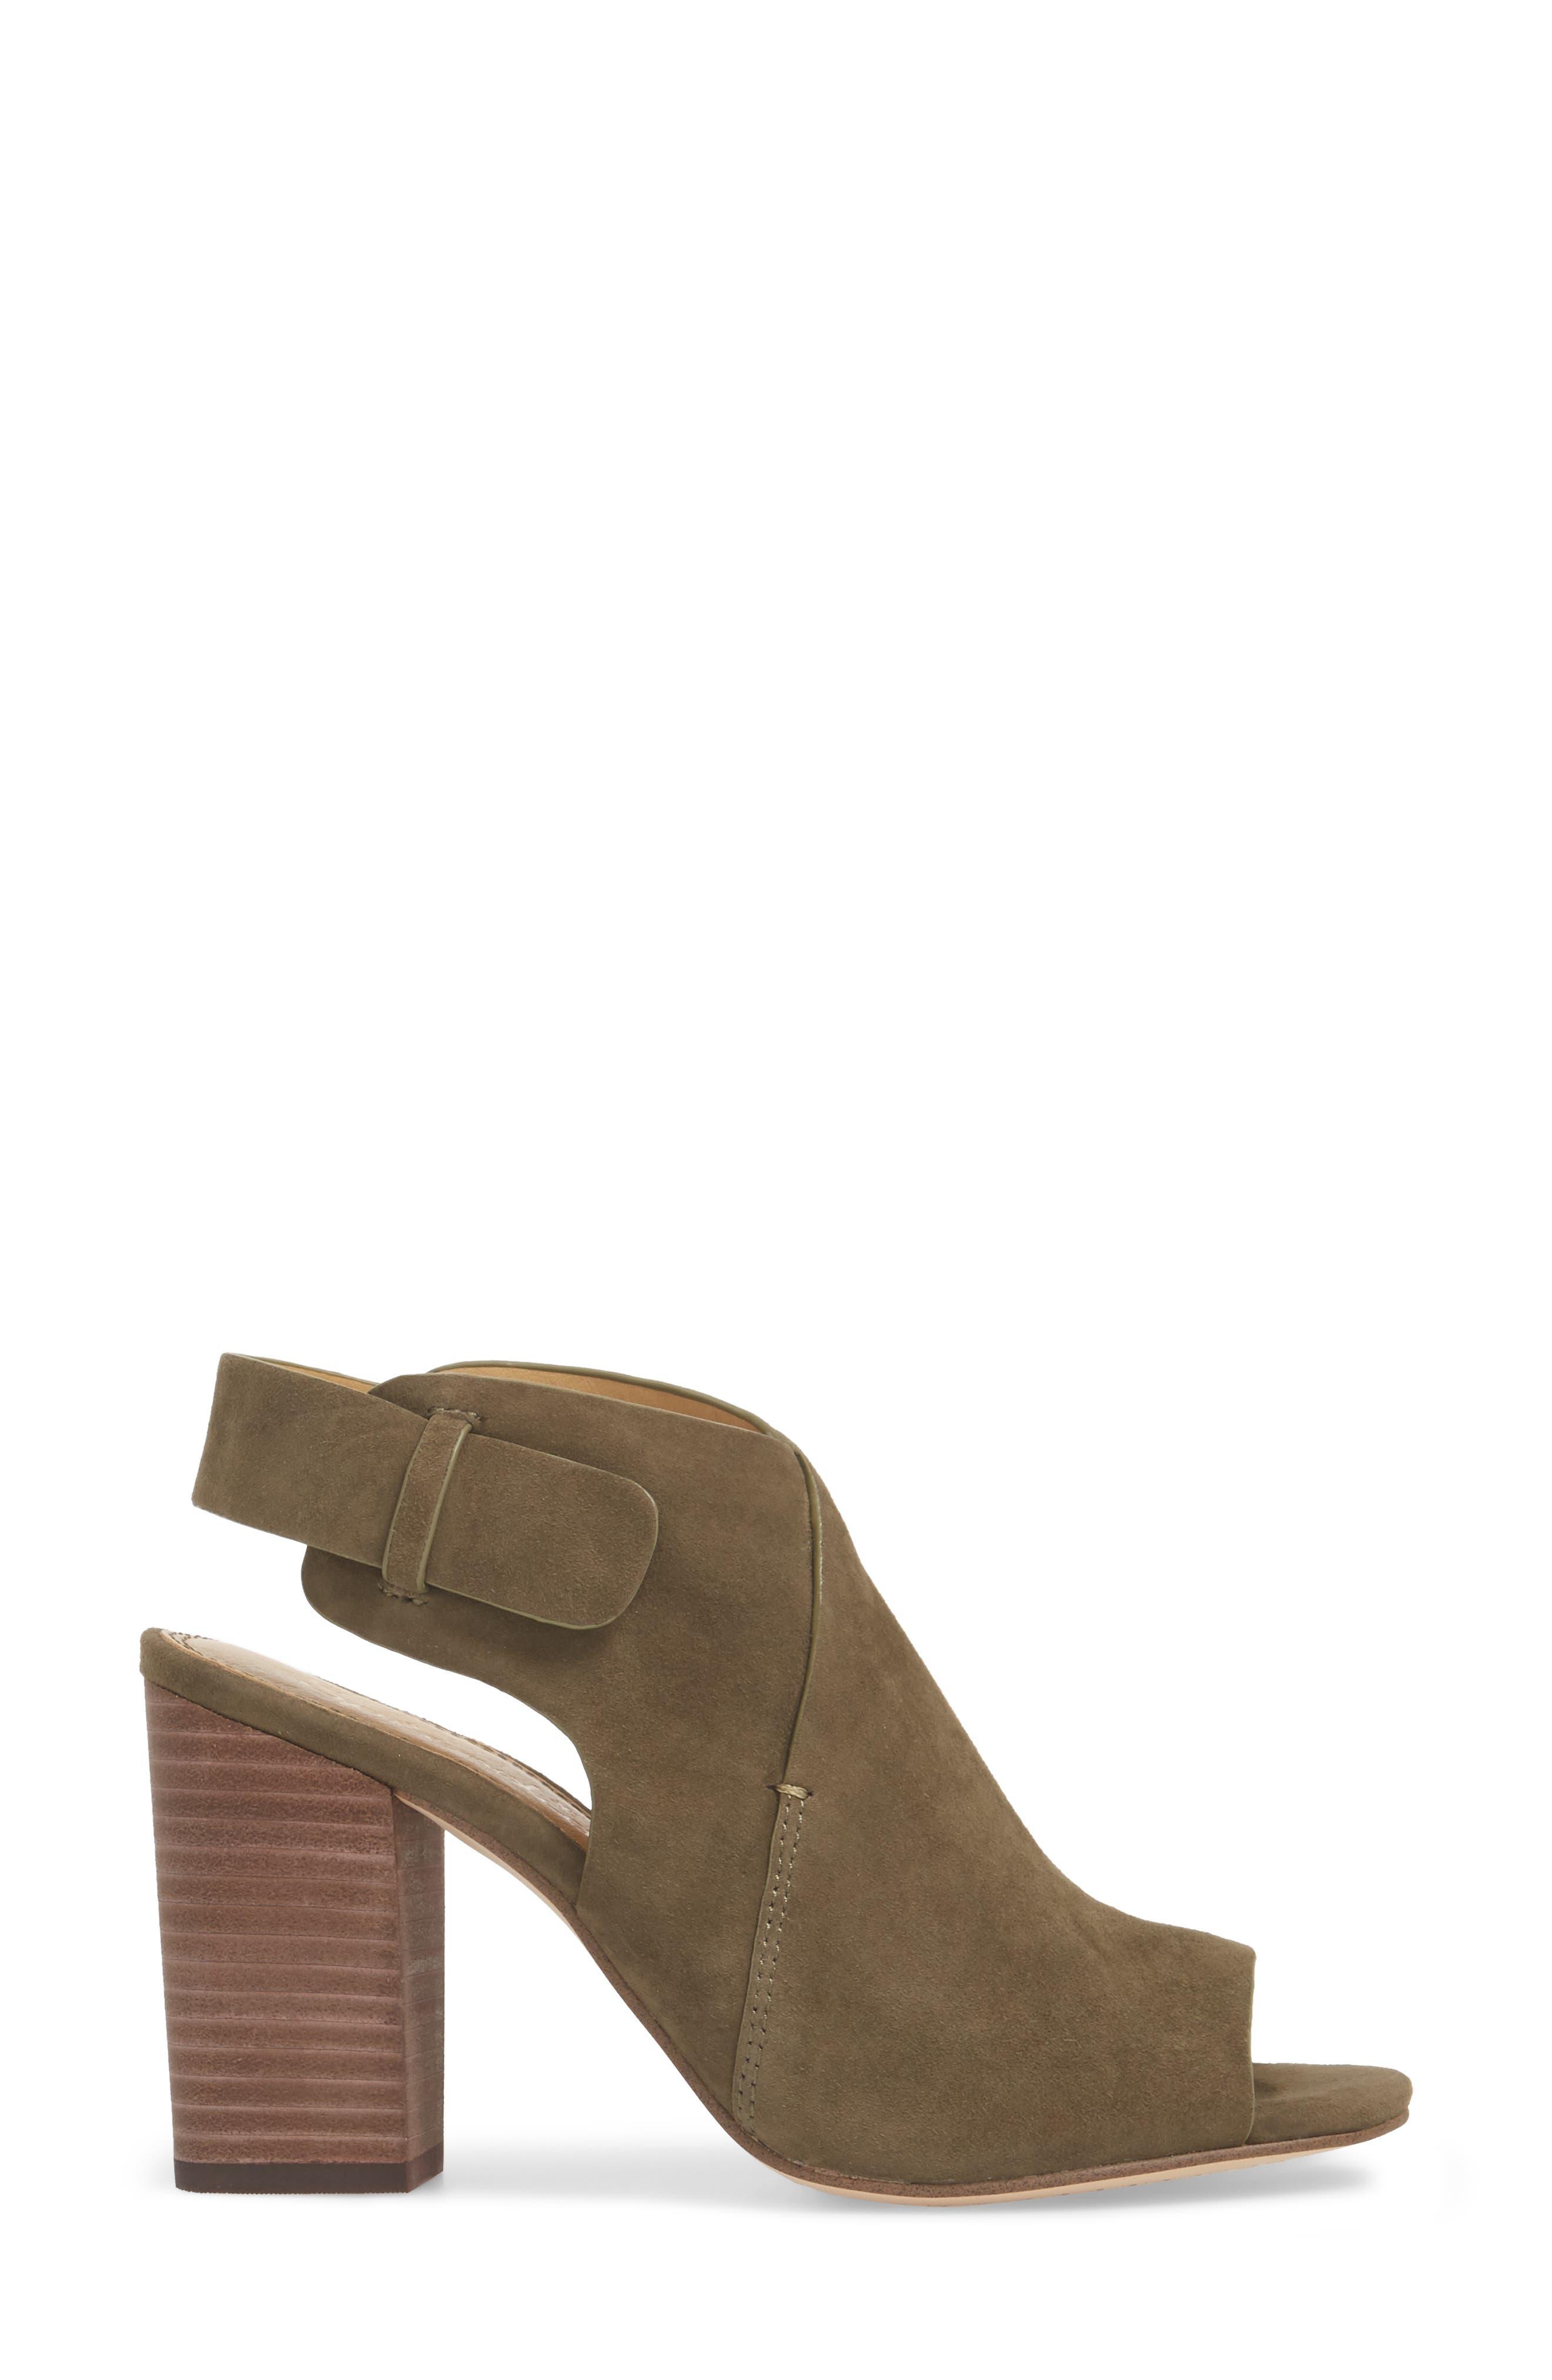 Nikolai Stack Heel Sandal,                             Alternate thumbnail 3, color,                             Olive Suede